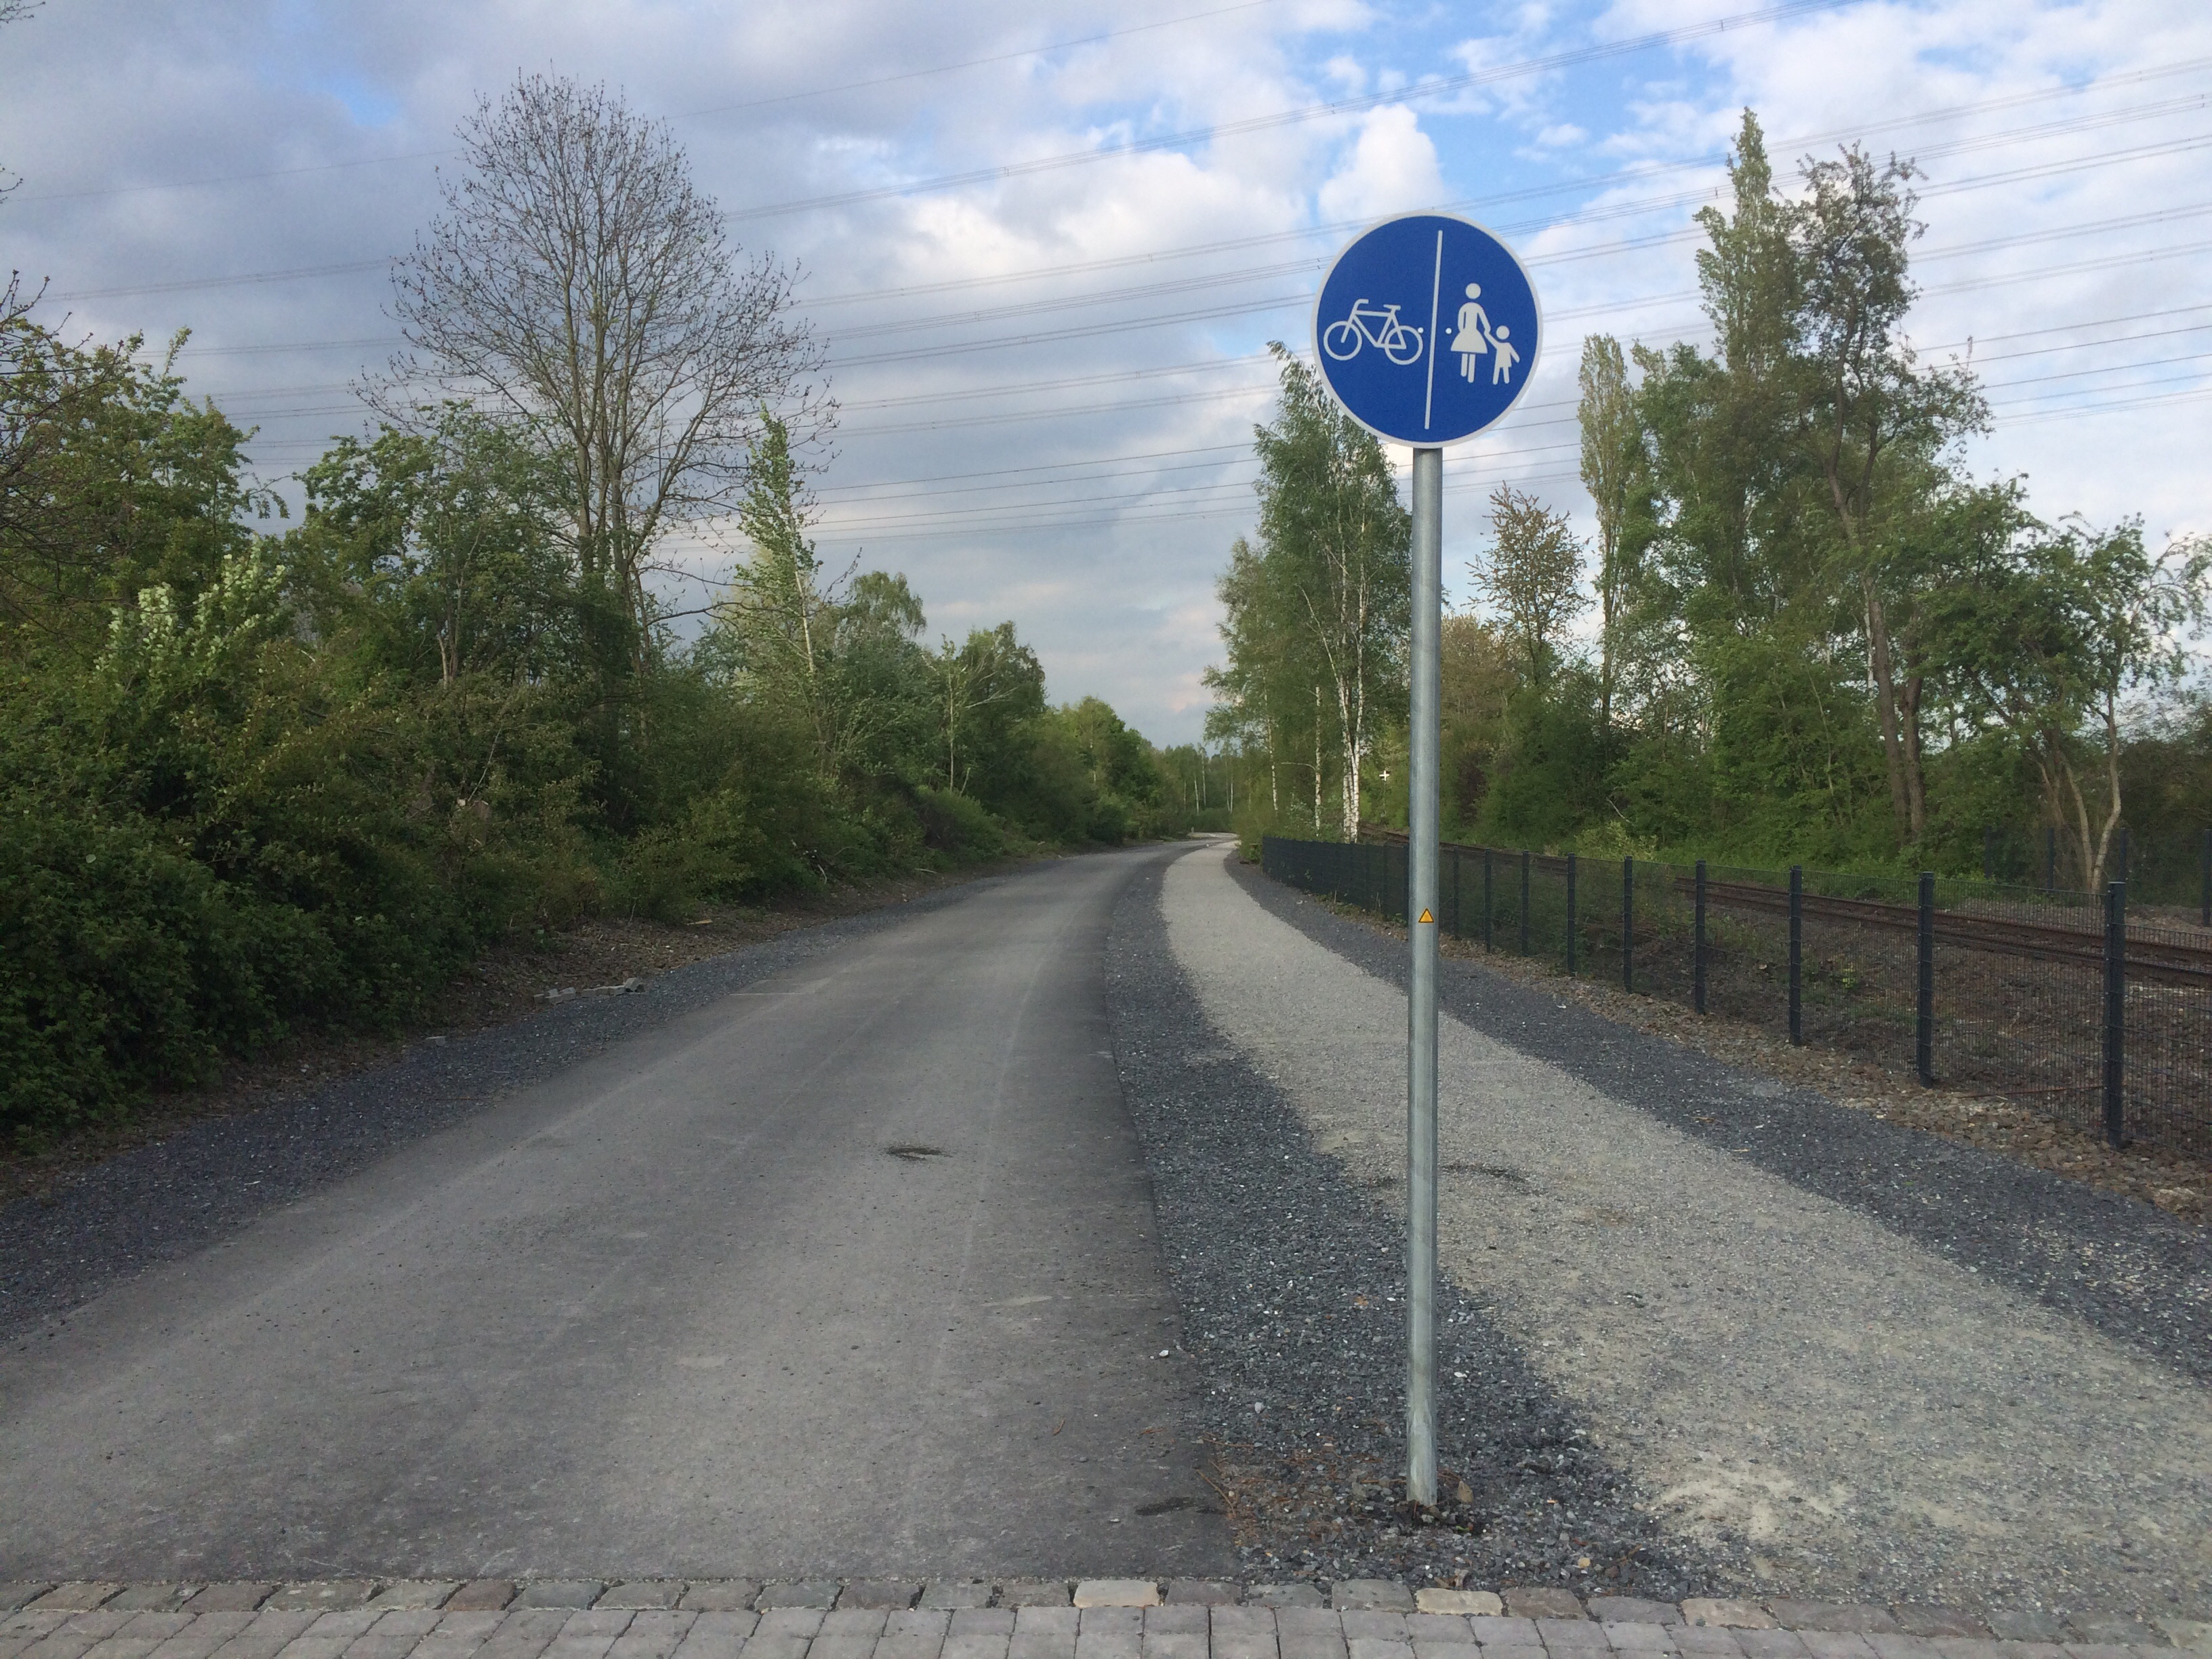 Radautobahn